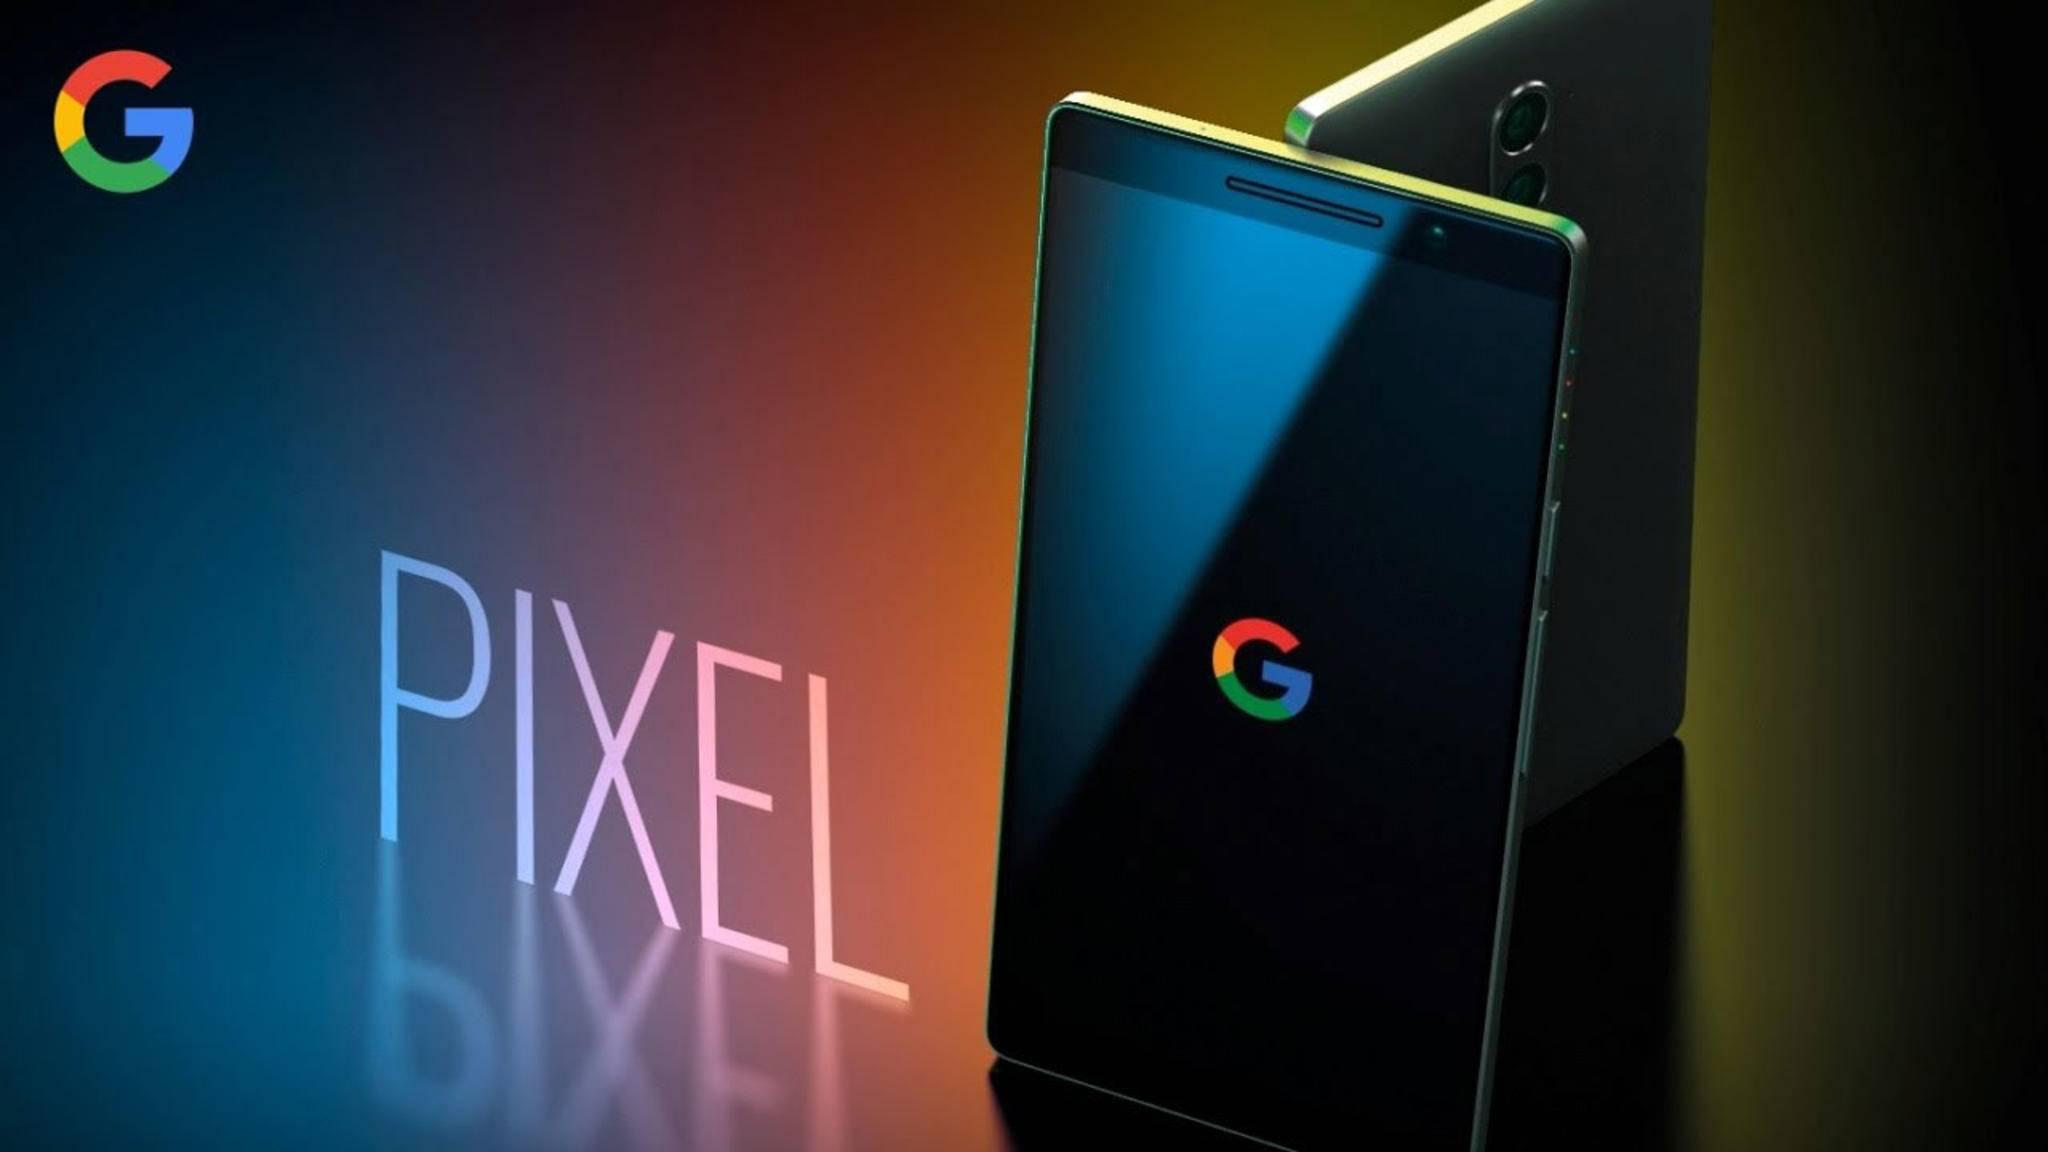 Wird es zwei oder doch drei neue Pixel-Modelle mit dem starken Snapdragon 835 geben?